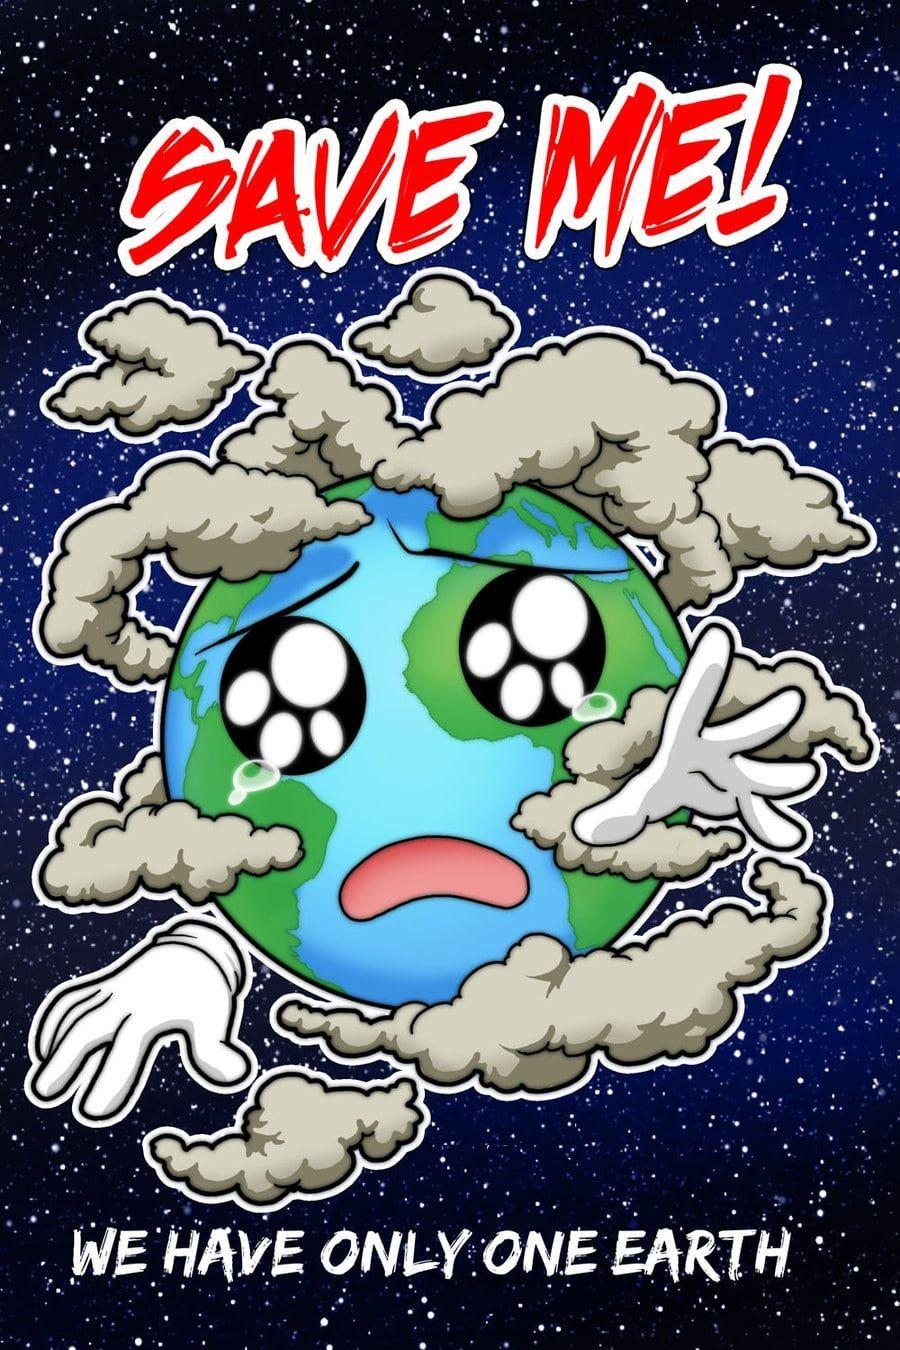 poster on save earth poster on save earth salogan in 2018 earth